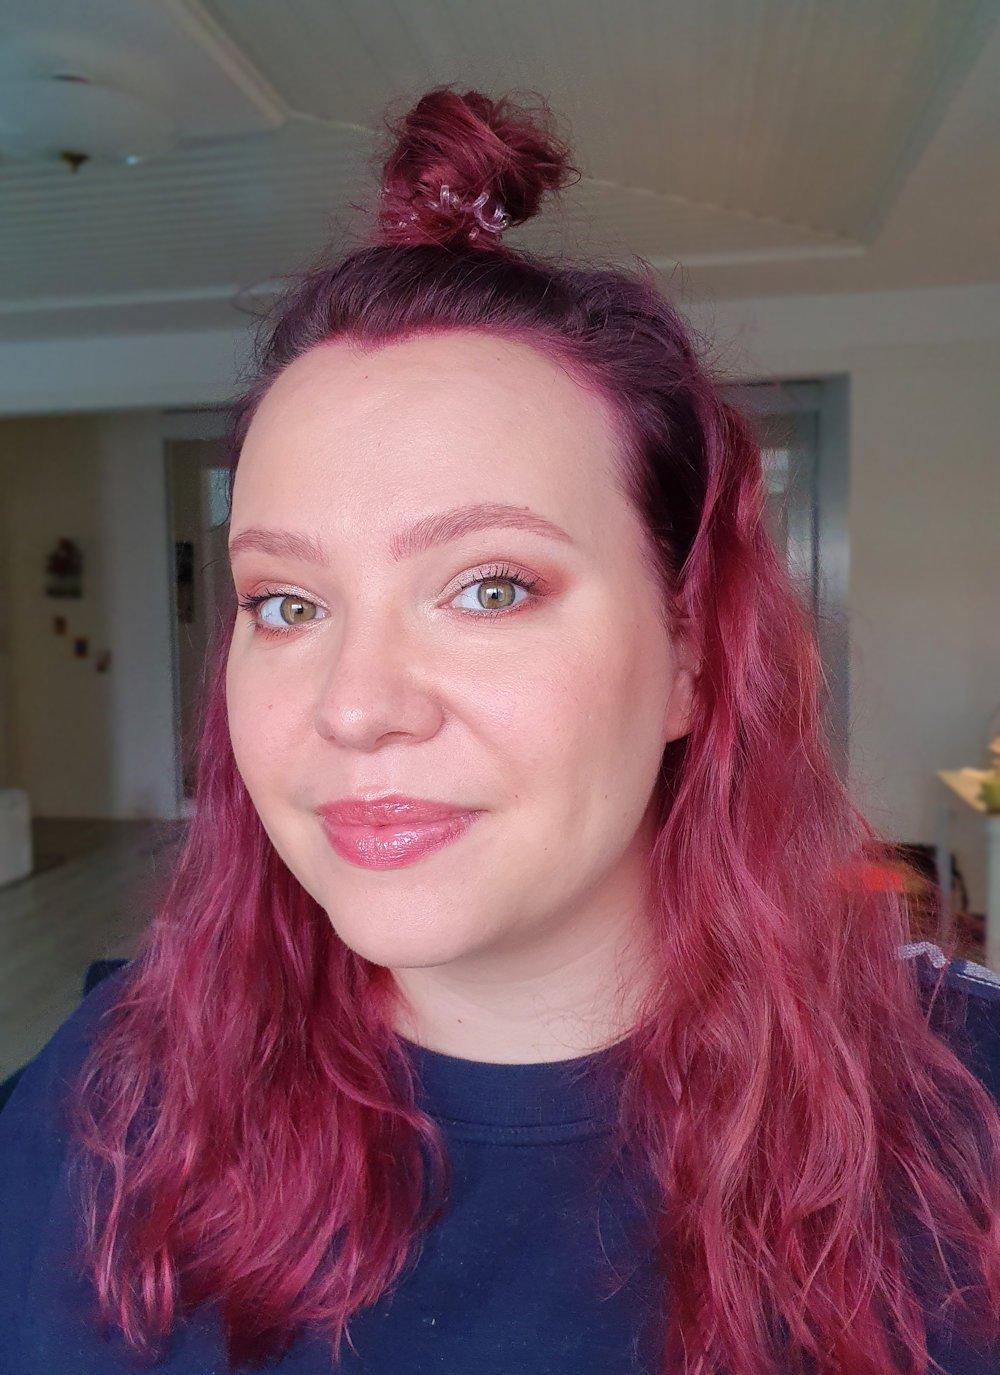 almond eyes elongating makeup